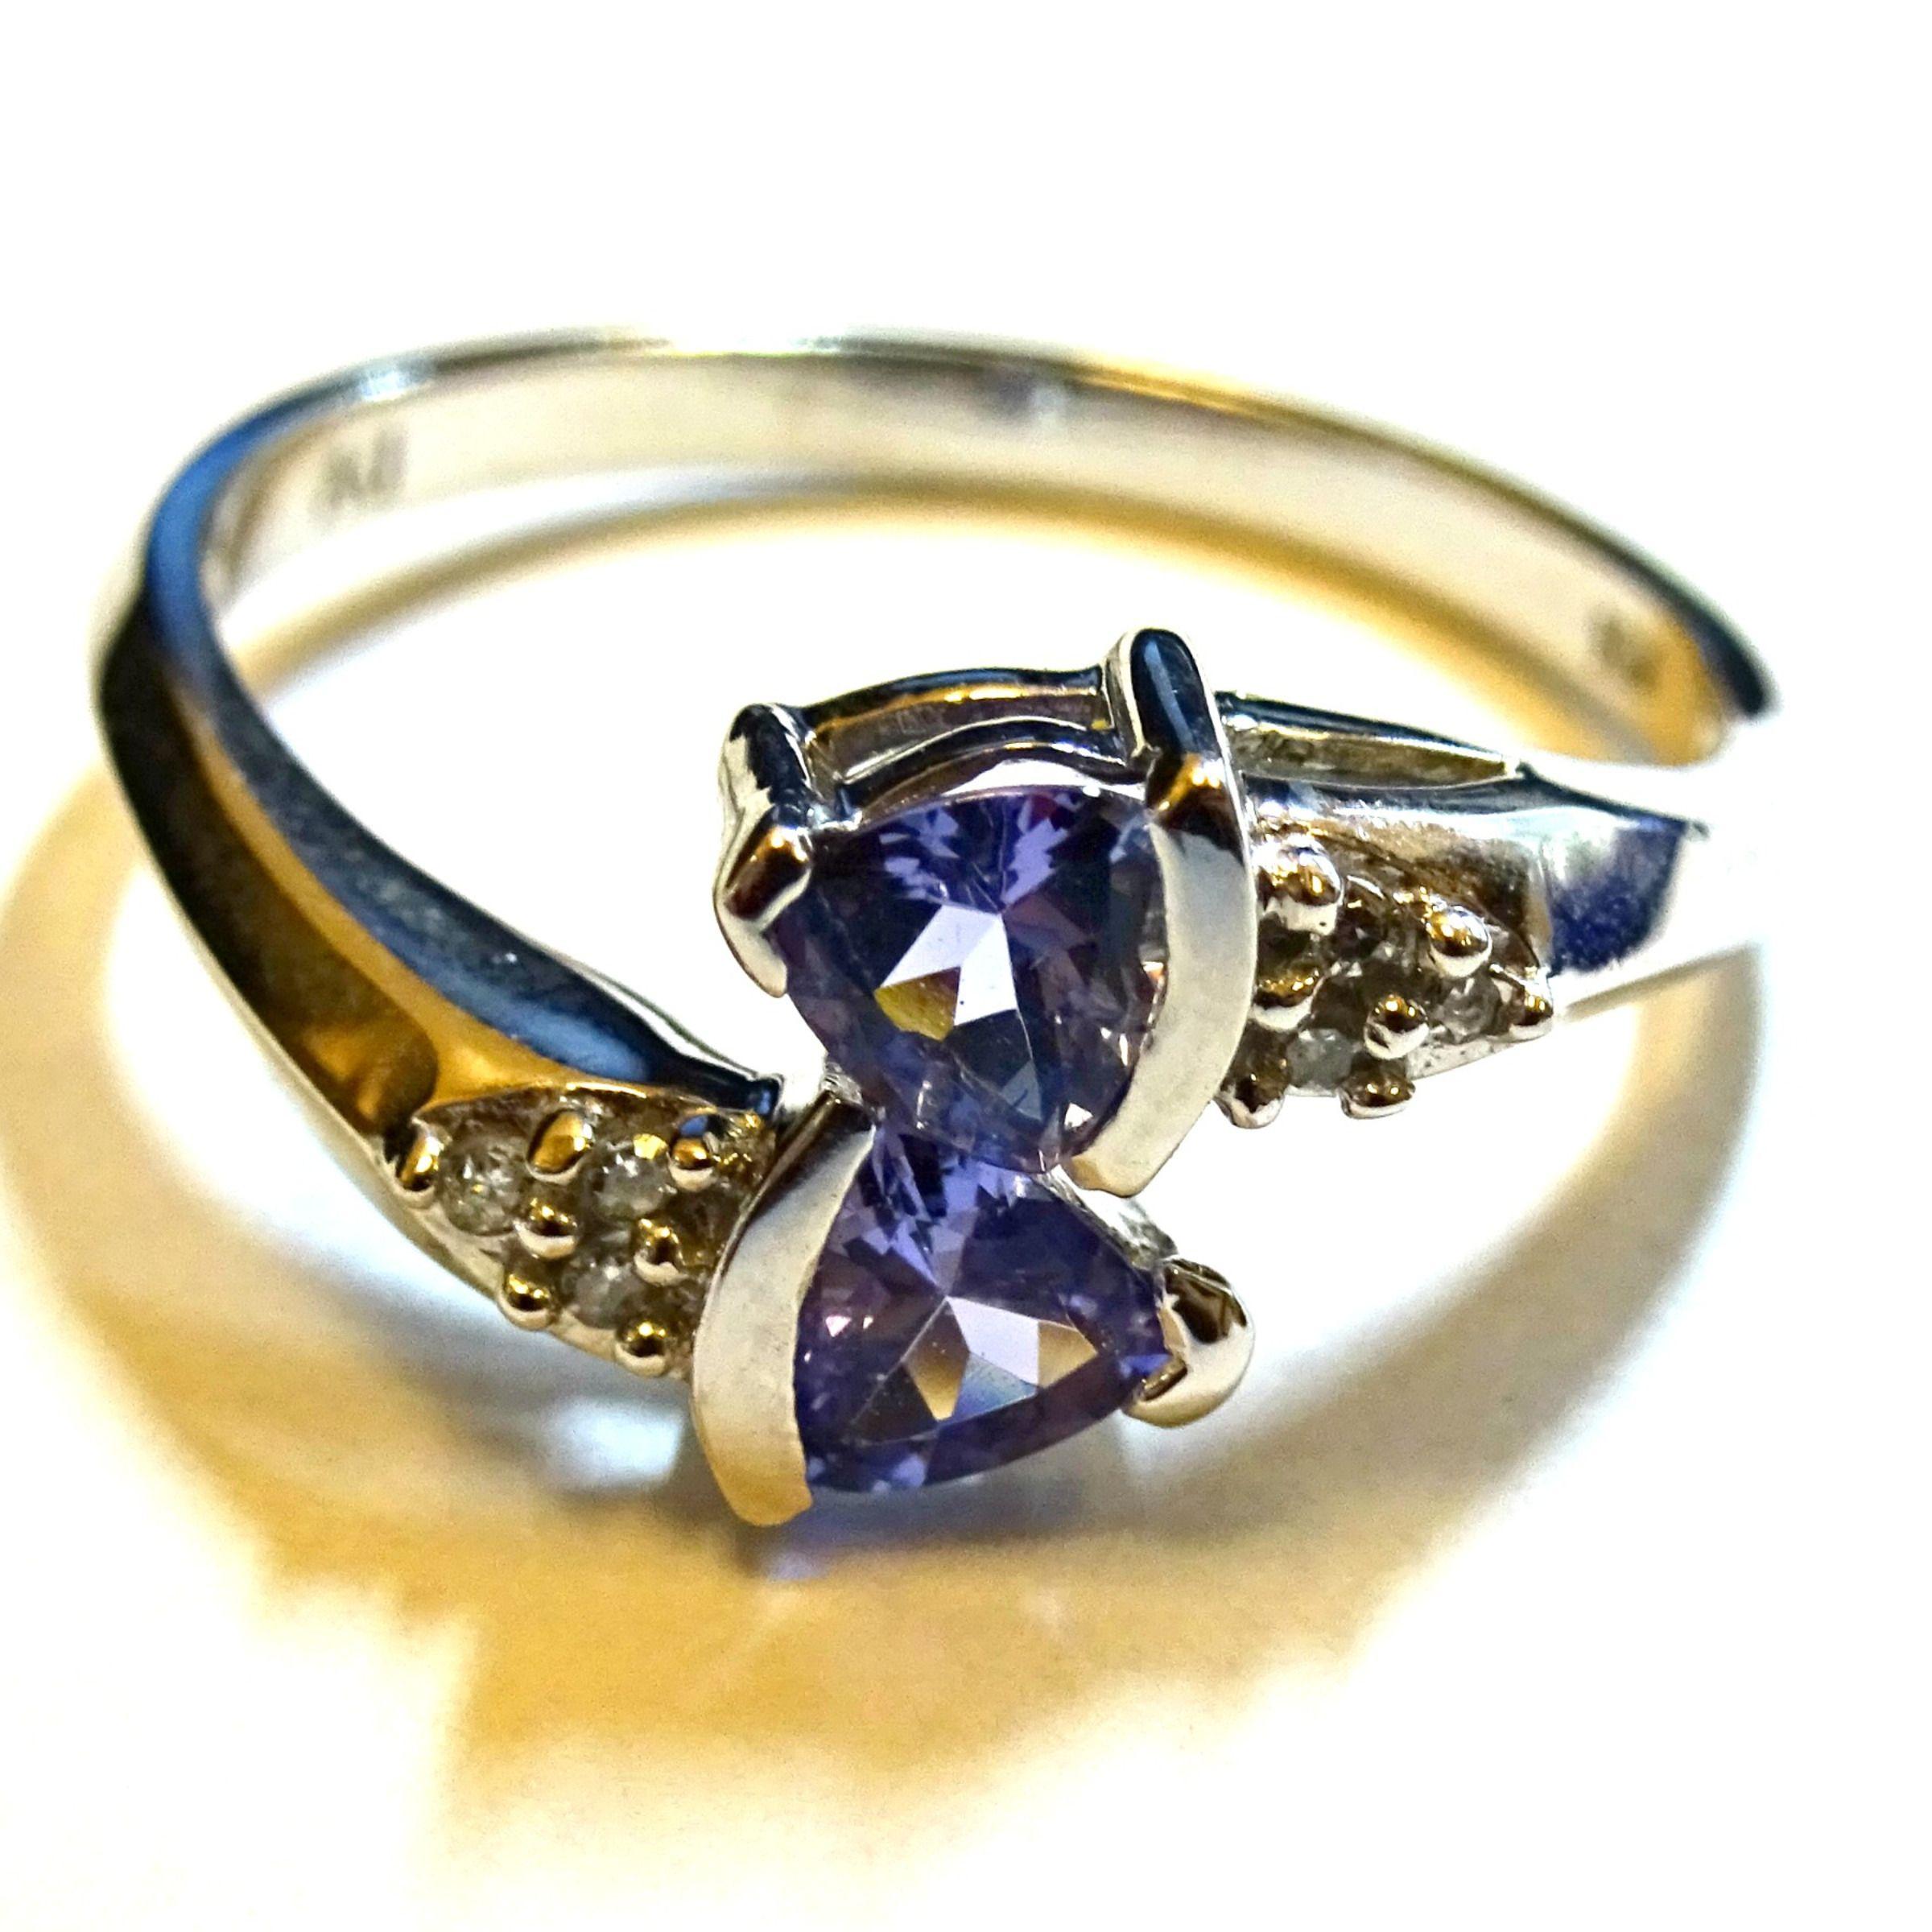 10k White Gold Blue Tanzanite Diamond Ring Size 7 Ebay Tanzanite Diamond Ring Tanzanite Diamond 10k Gold Ring